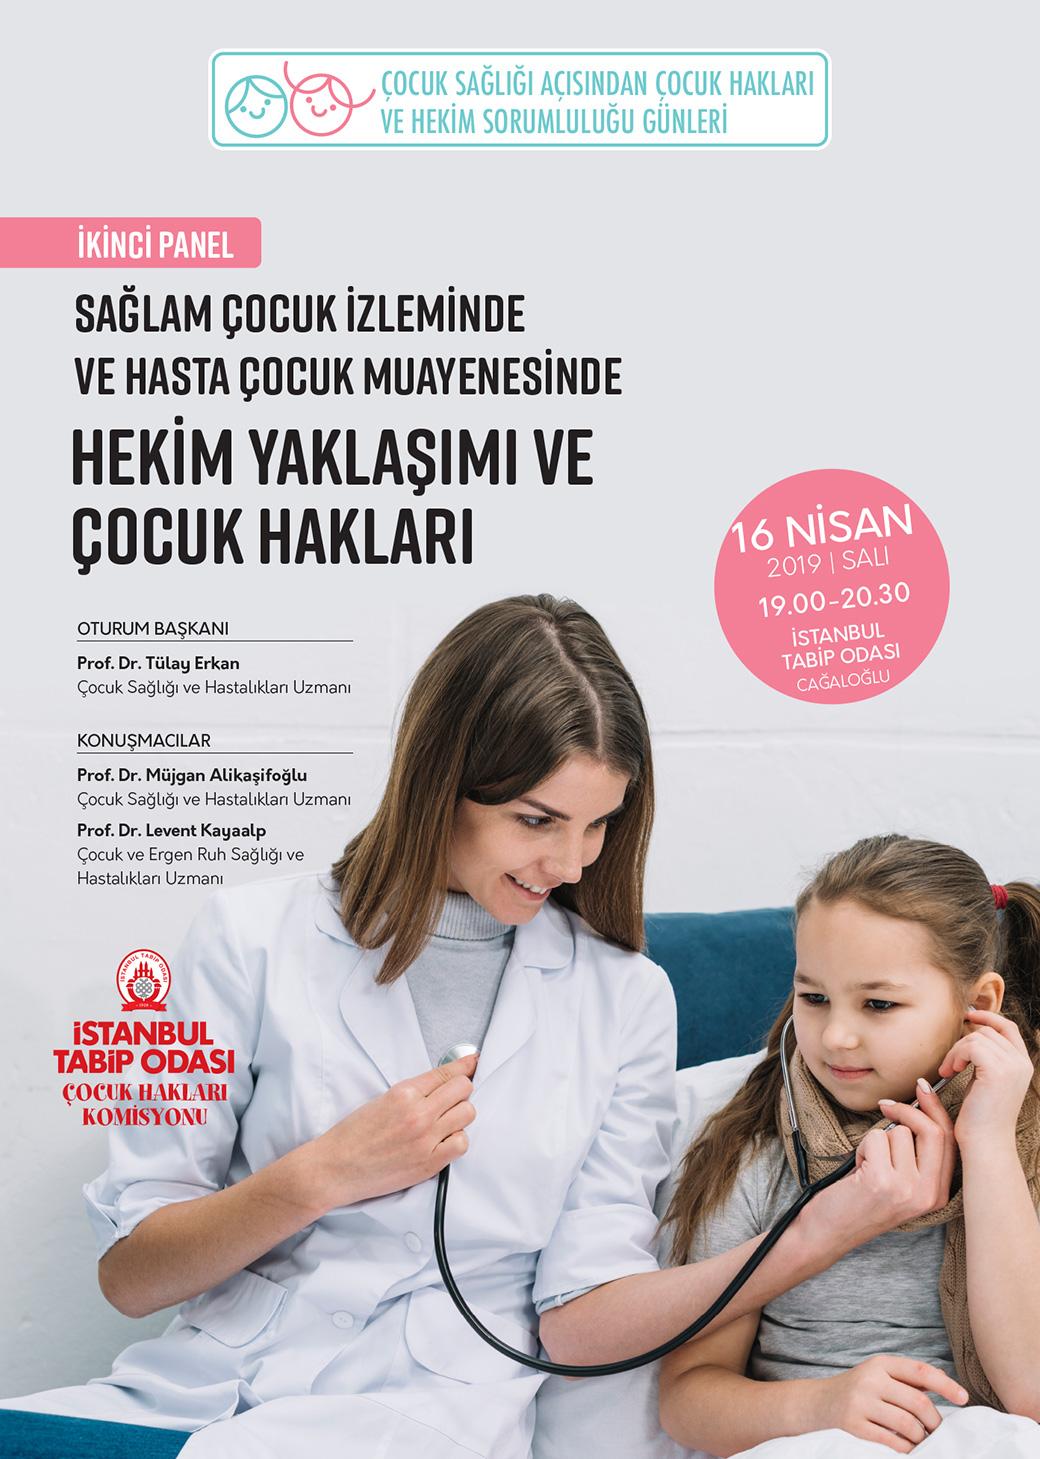 Panel: Sağlam Çocuk İzleminde ve Hasta Çocuk Muayenesinde Hekim Yaklaşımı ve Çocuk Hakları